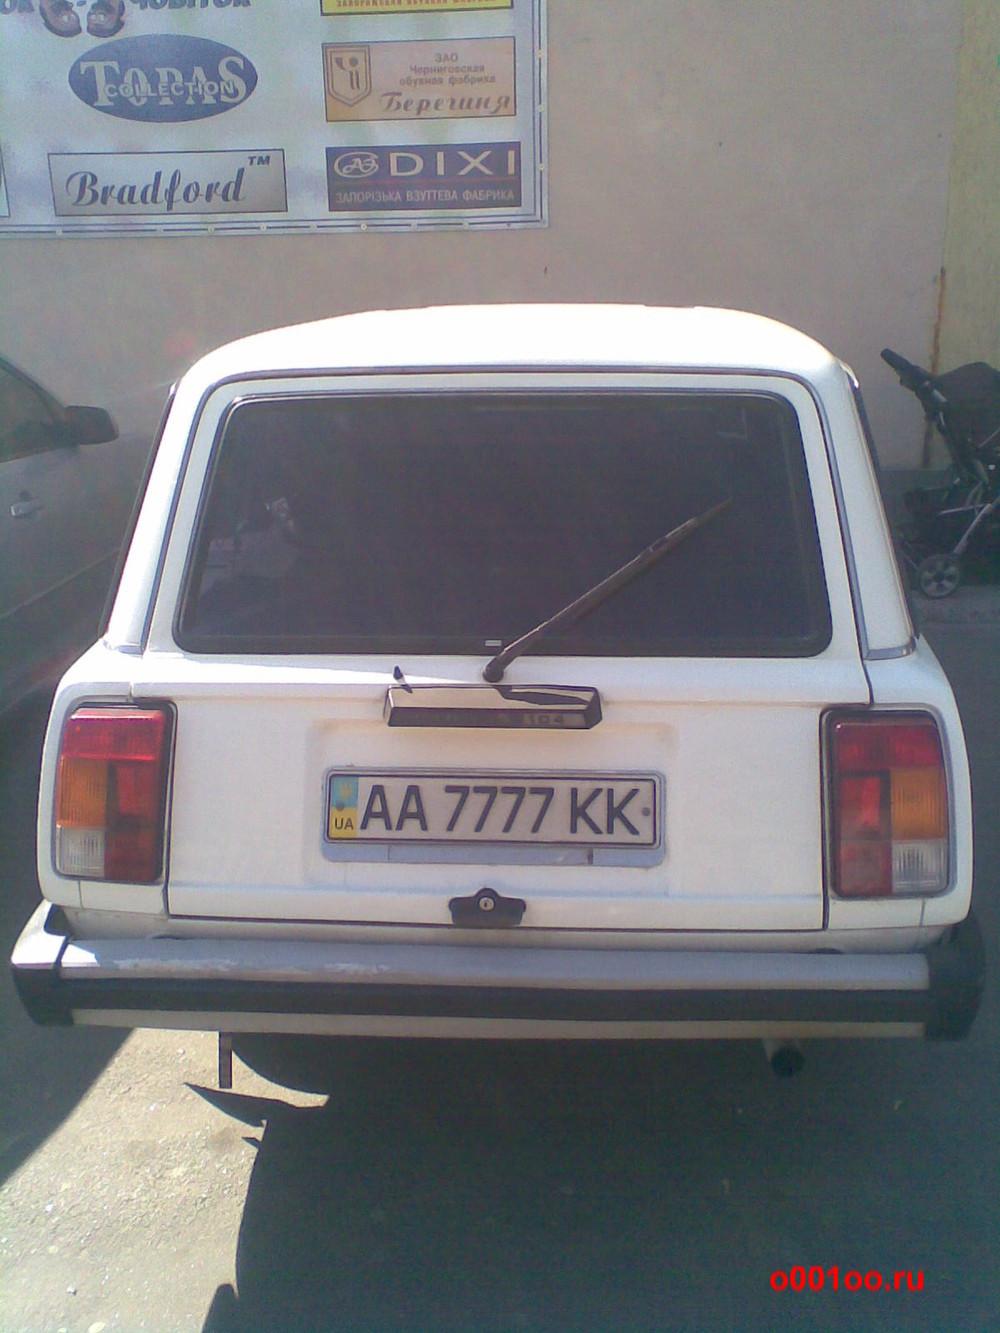 Фото номеров машин украина 2